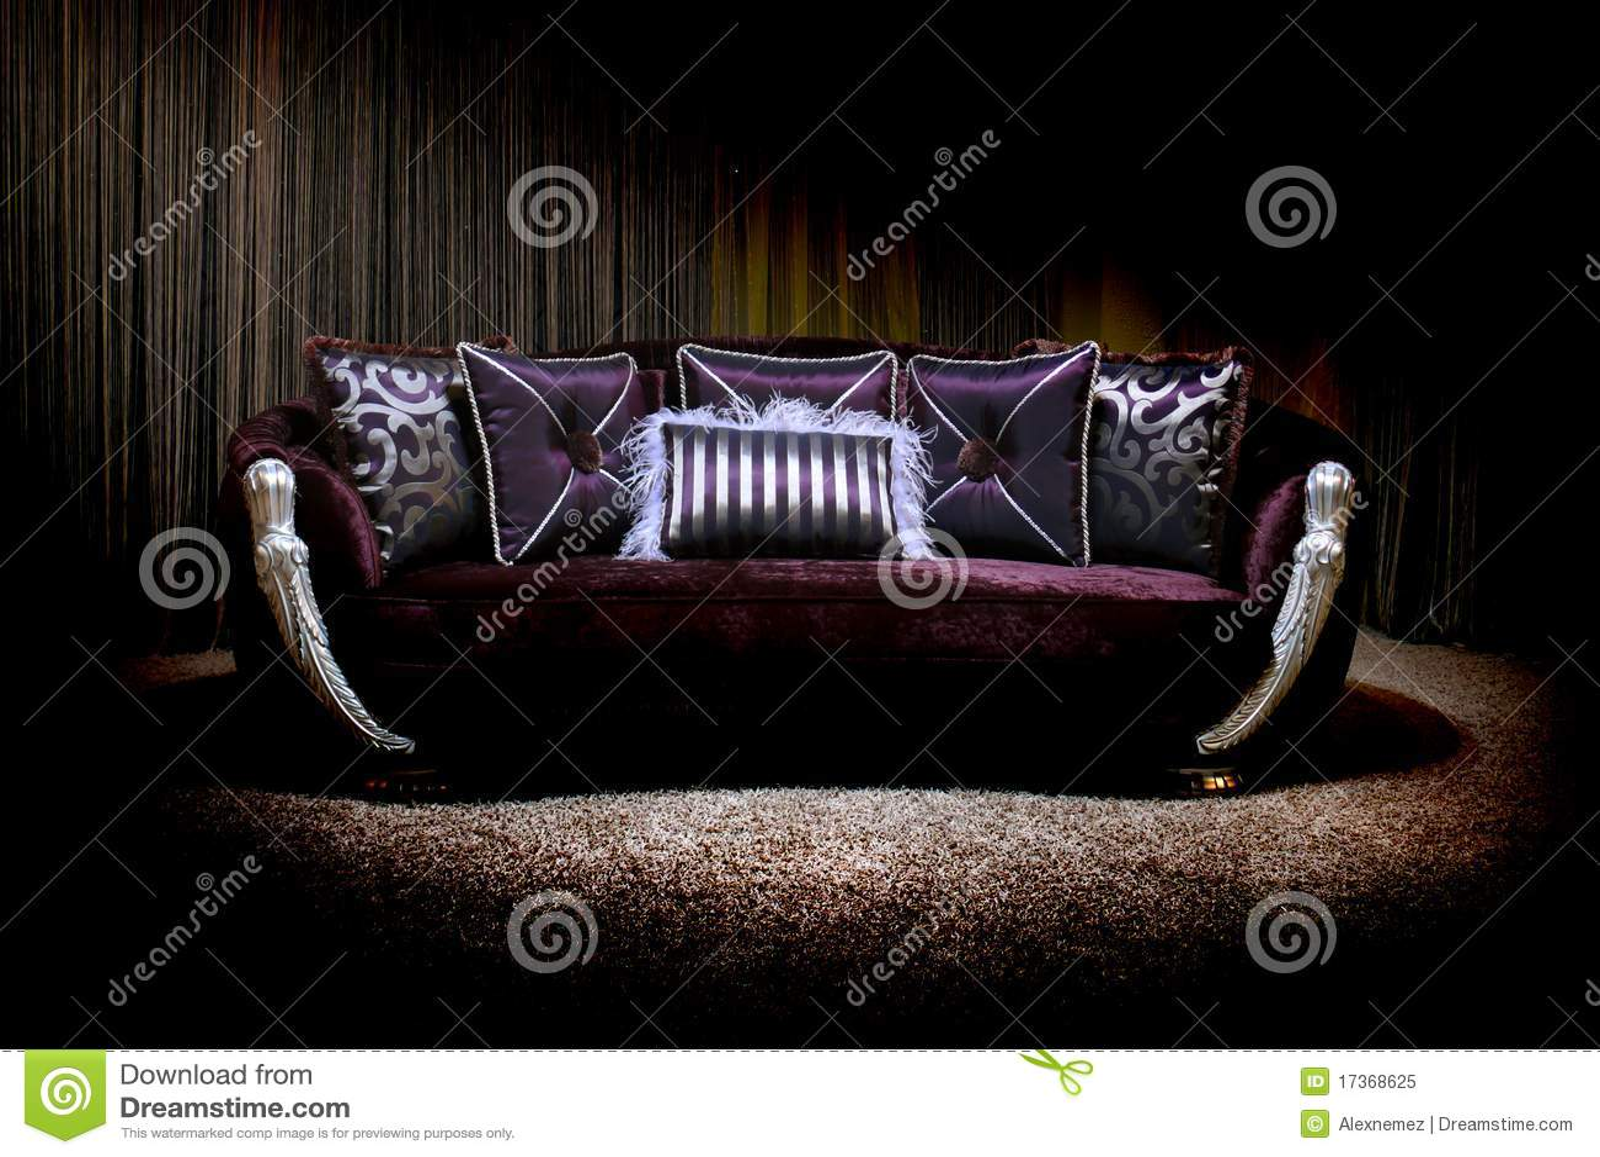 lila couch stockbild bild von kostspielig bequem gotisch 17368625. Black Bedroom Furniture Sets. Home Design Ideas